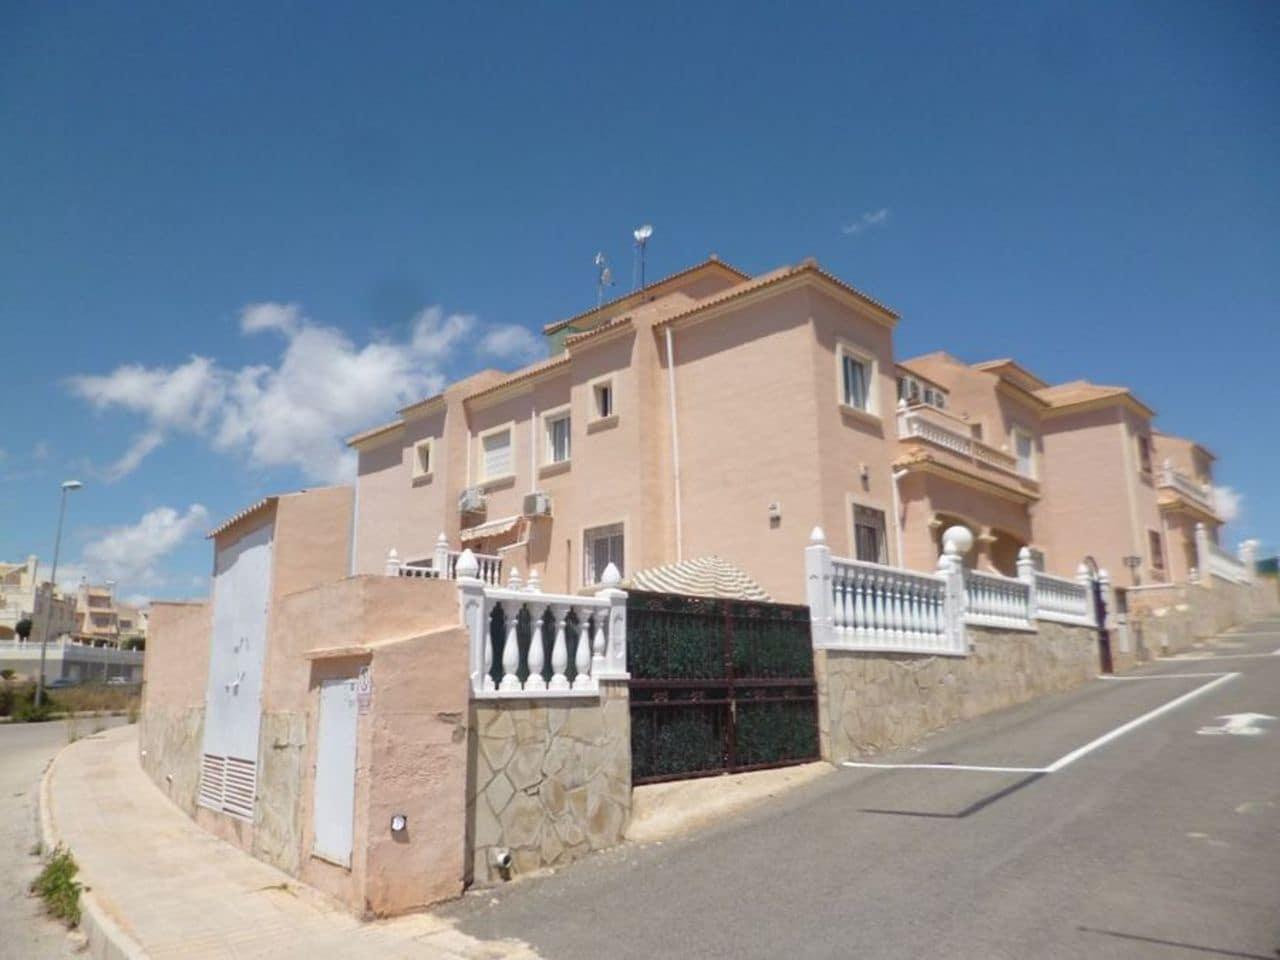 Casa de 3 habitaciones en Playa Flamenca en venta con piscina - 174.995 € (Ref: 5050263)